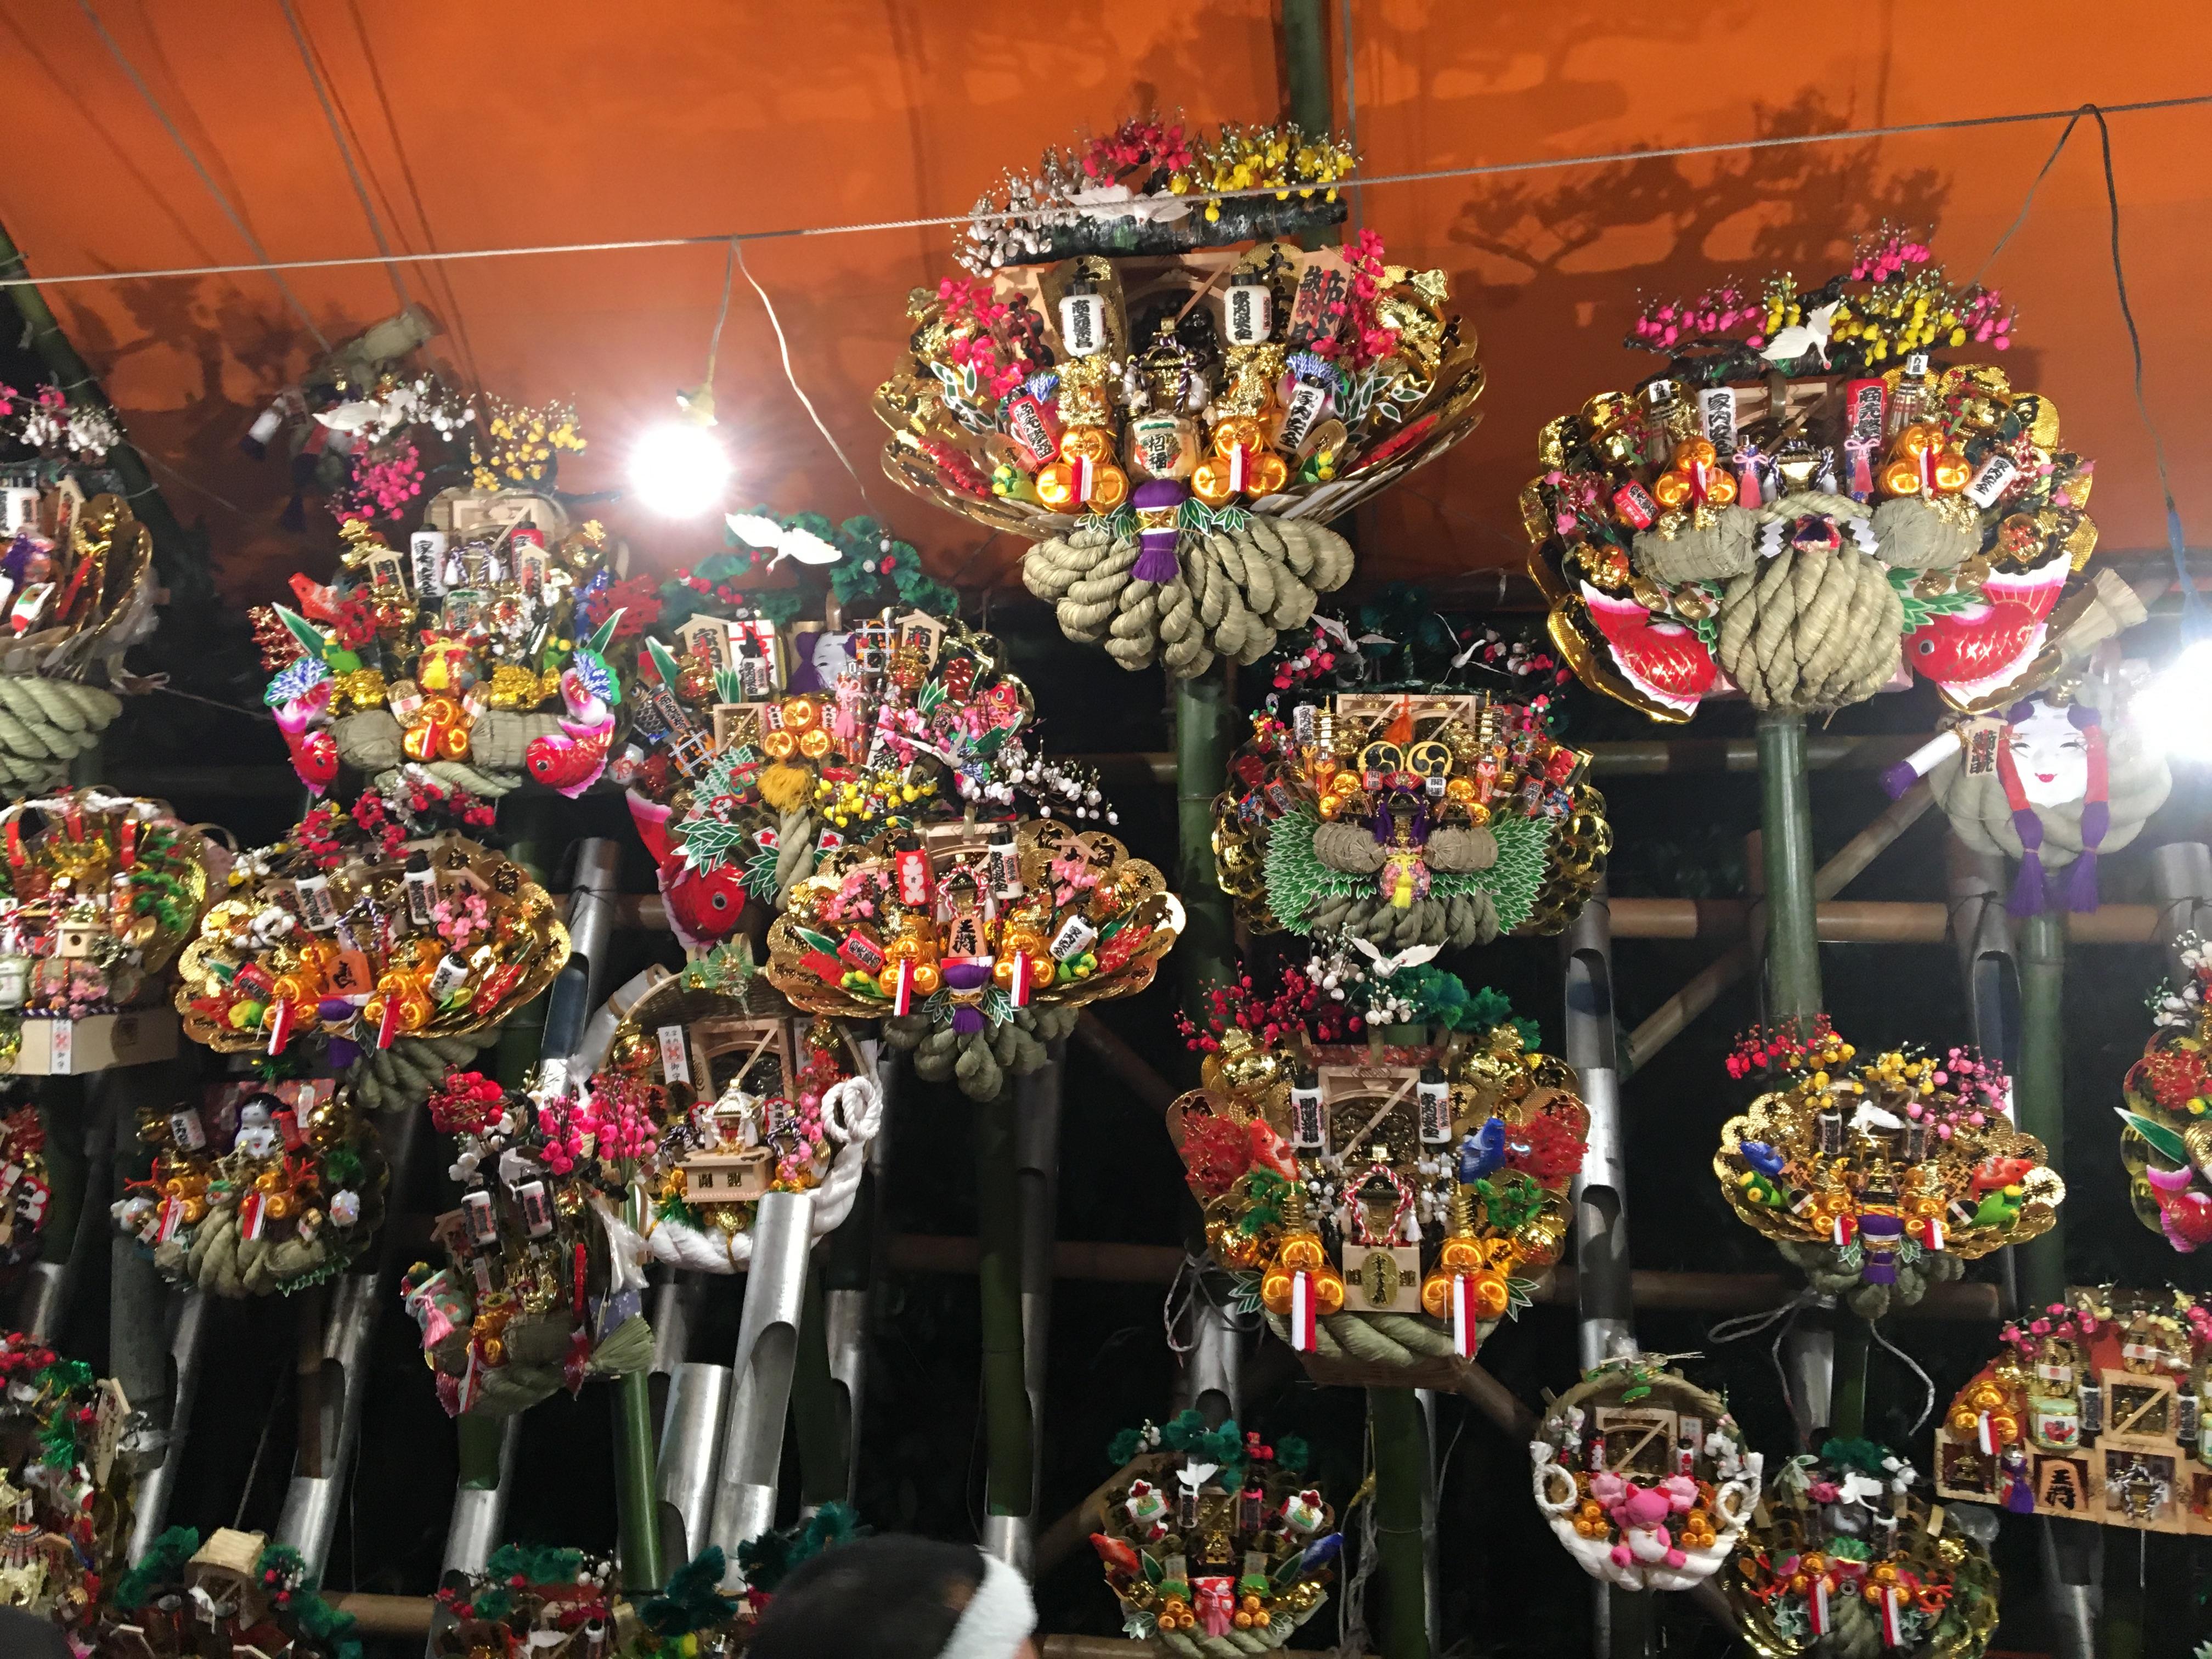 2019年も商売繁盛!平成最後の氷川神社・十日市が開催